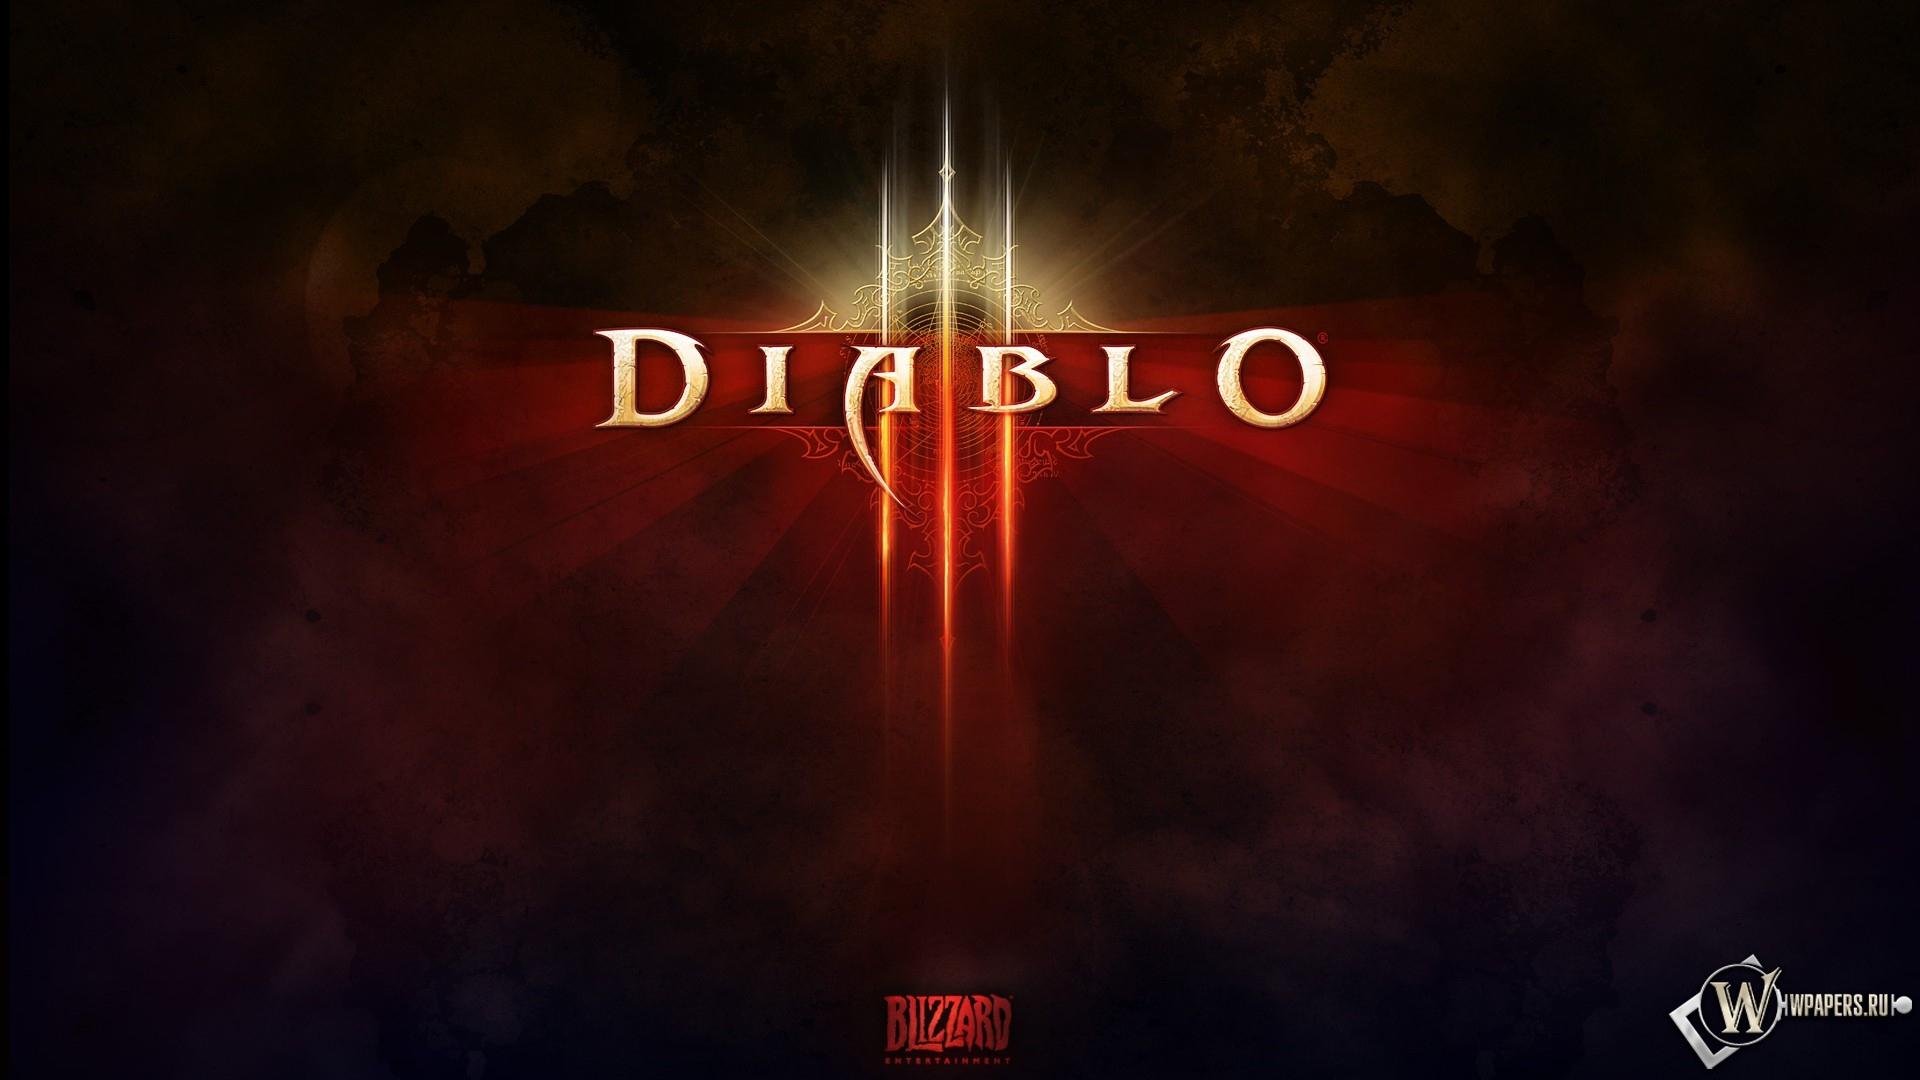 Представляем Вам Diablo 3 АНОНС скачать бесплатно торрент.